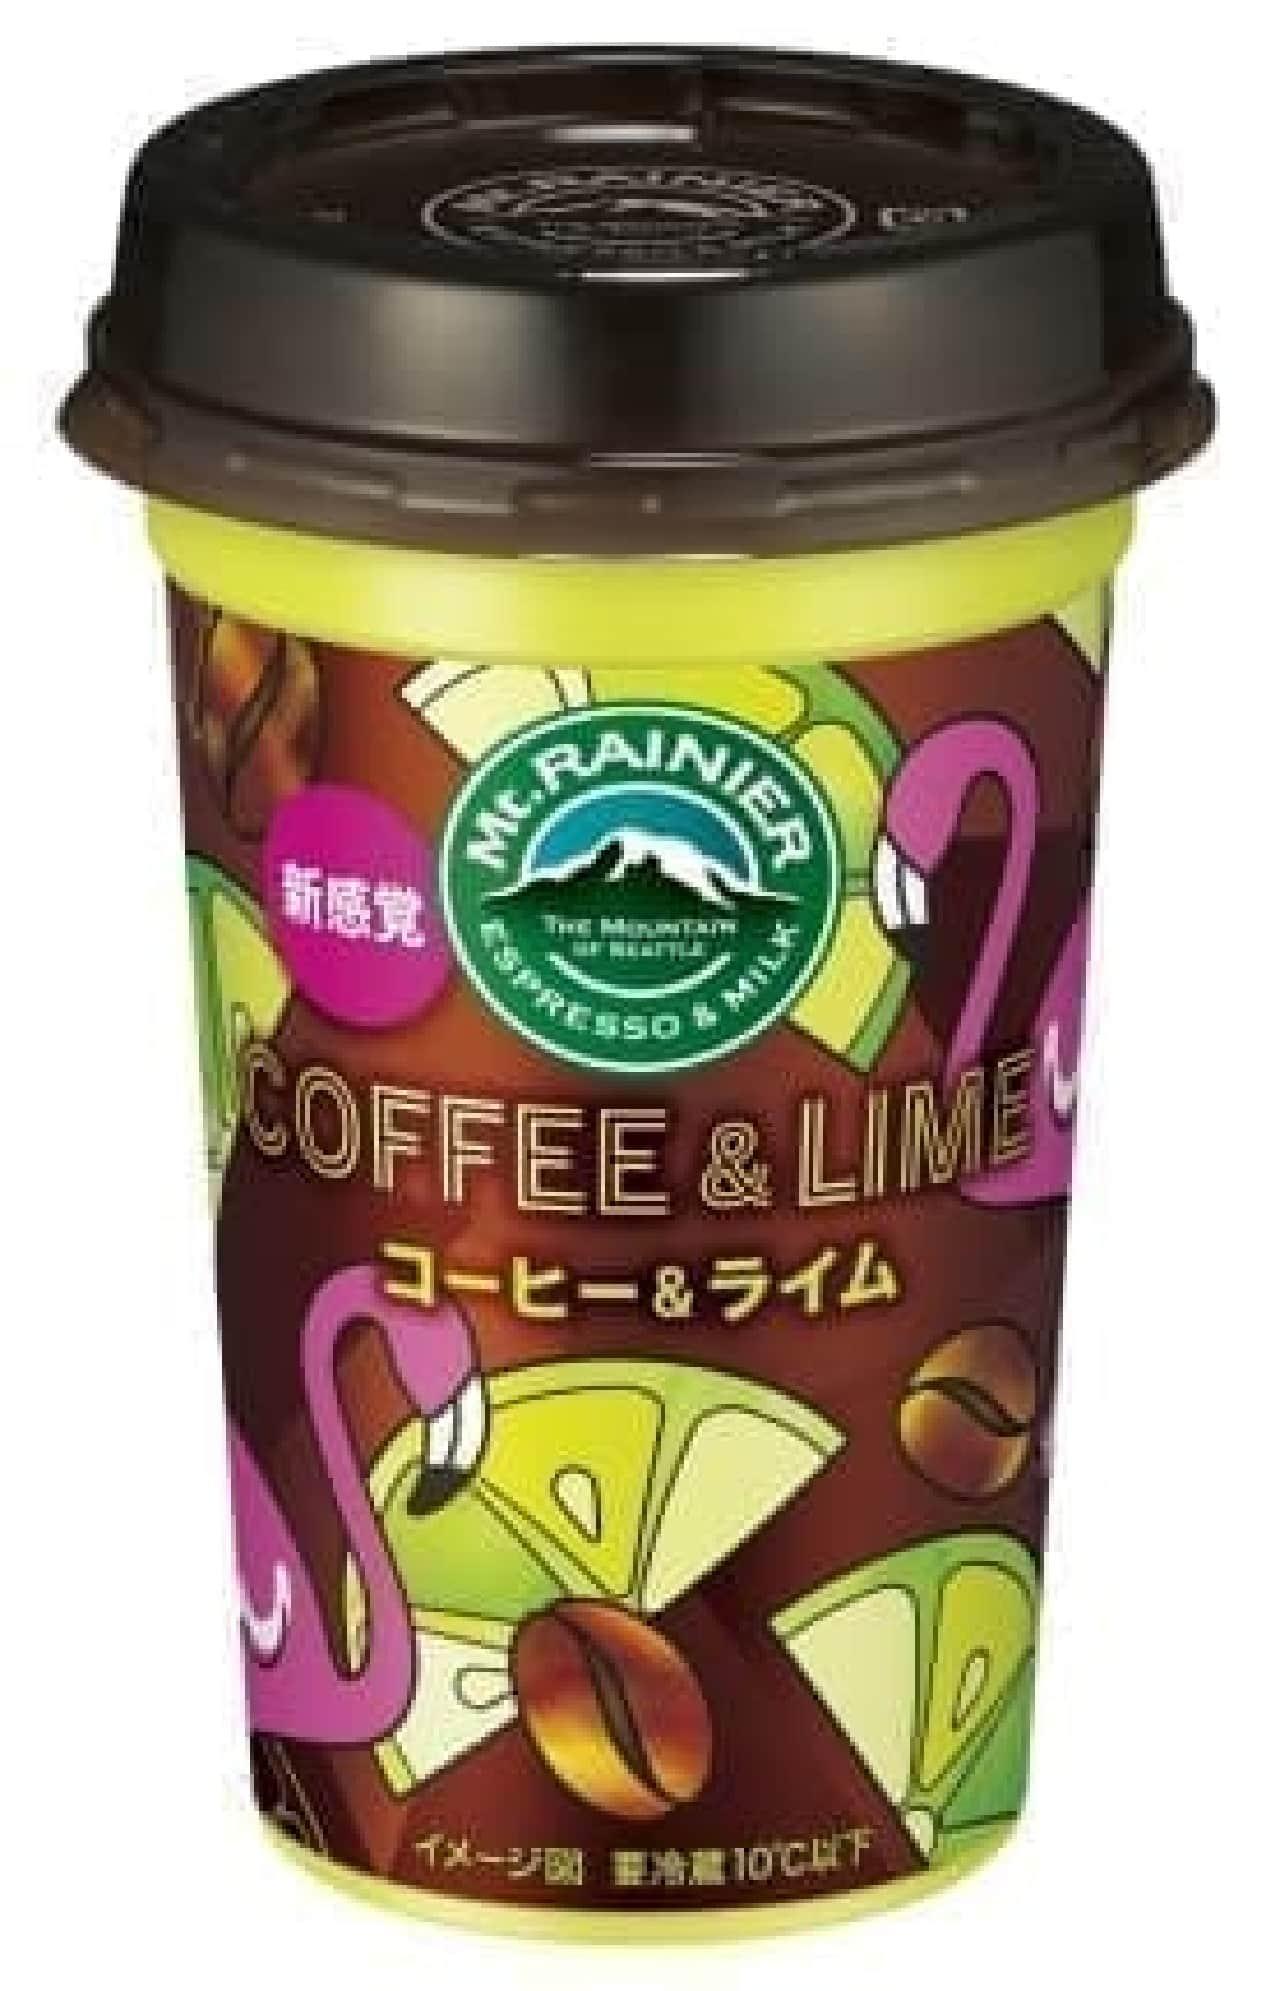 マウントレーニア COFFEE & LIME